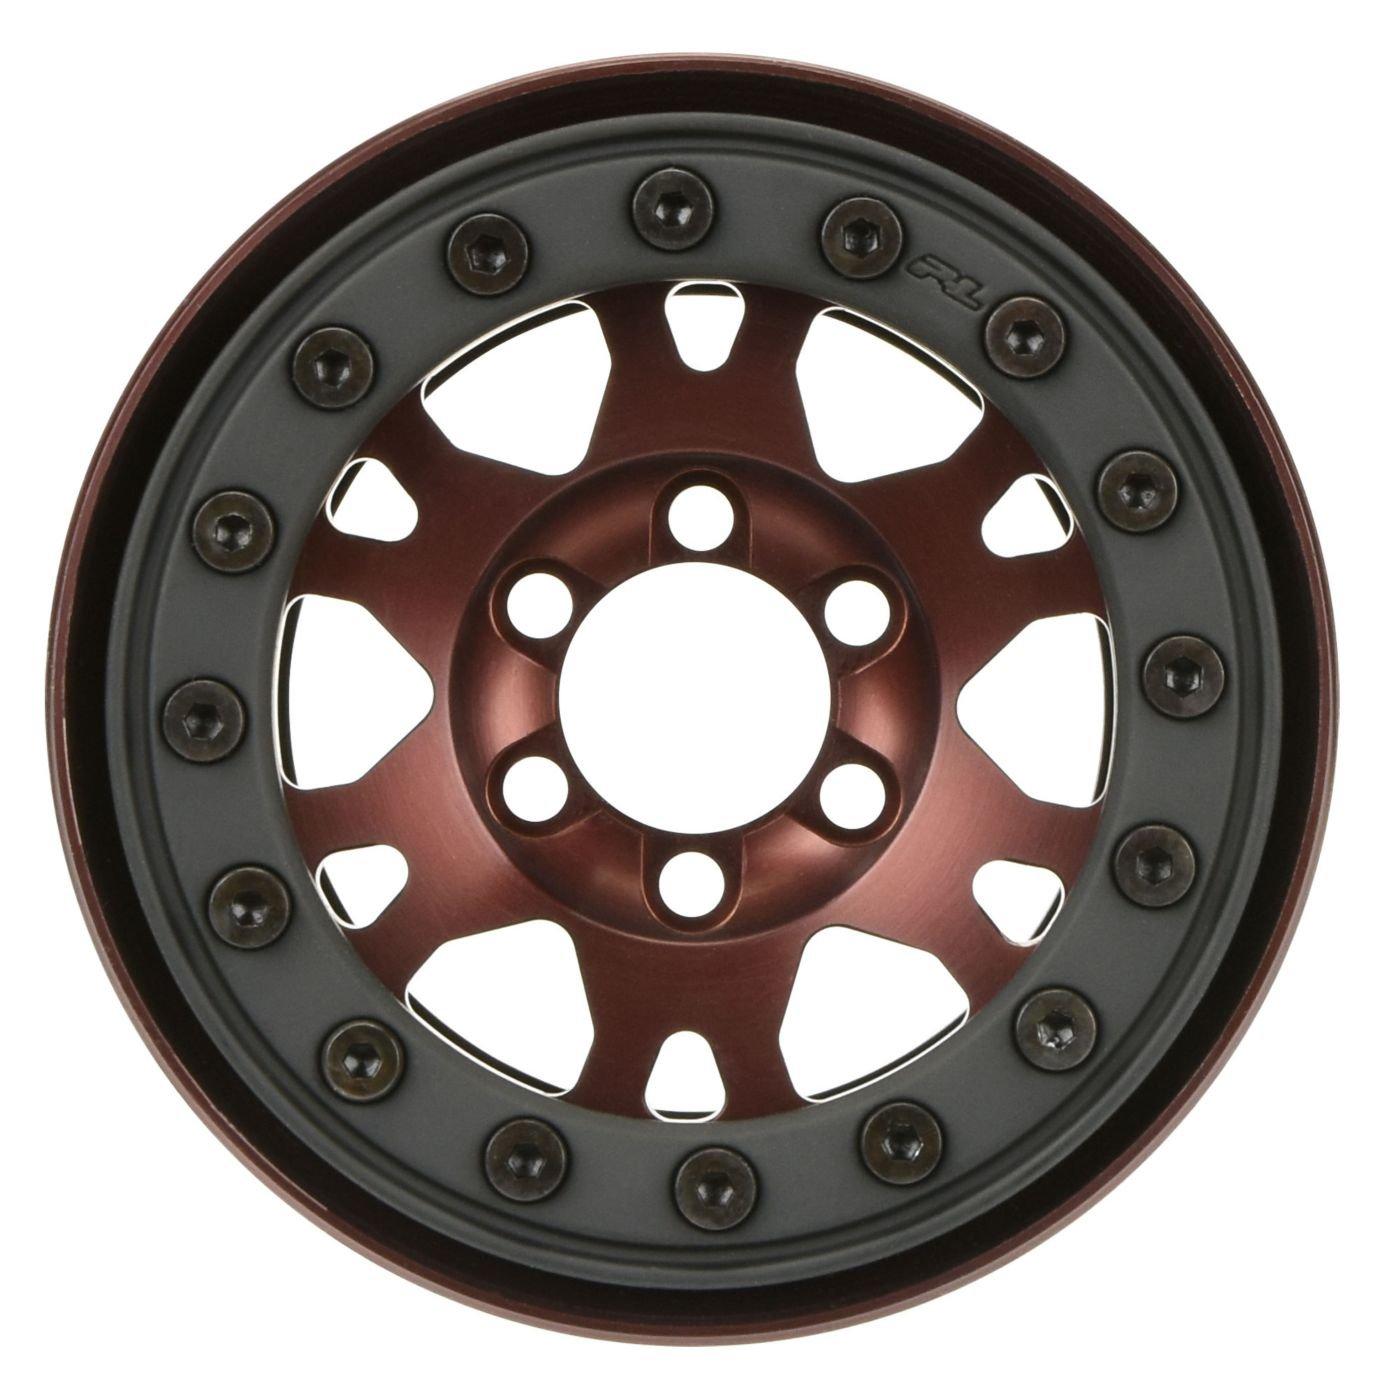 pro-forge 1.9ブロンズ、アルミニウム、ブラック、bead-loc、フロント/リアホイール( 2   B06Y5JCXDQ